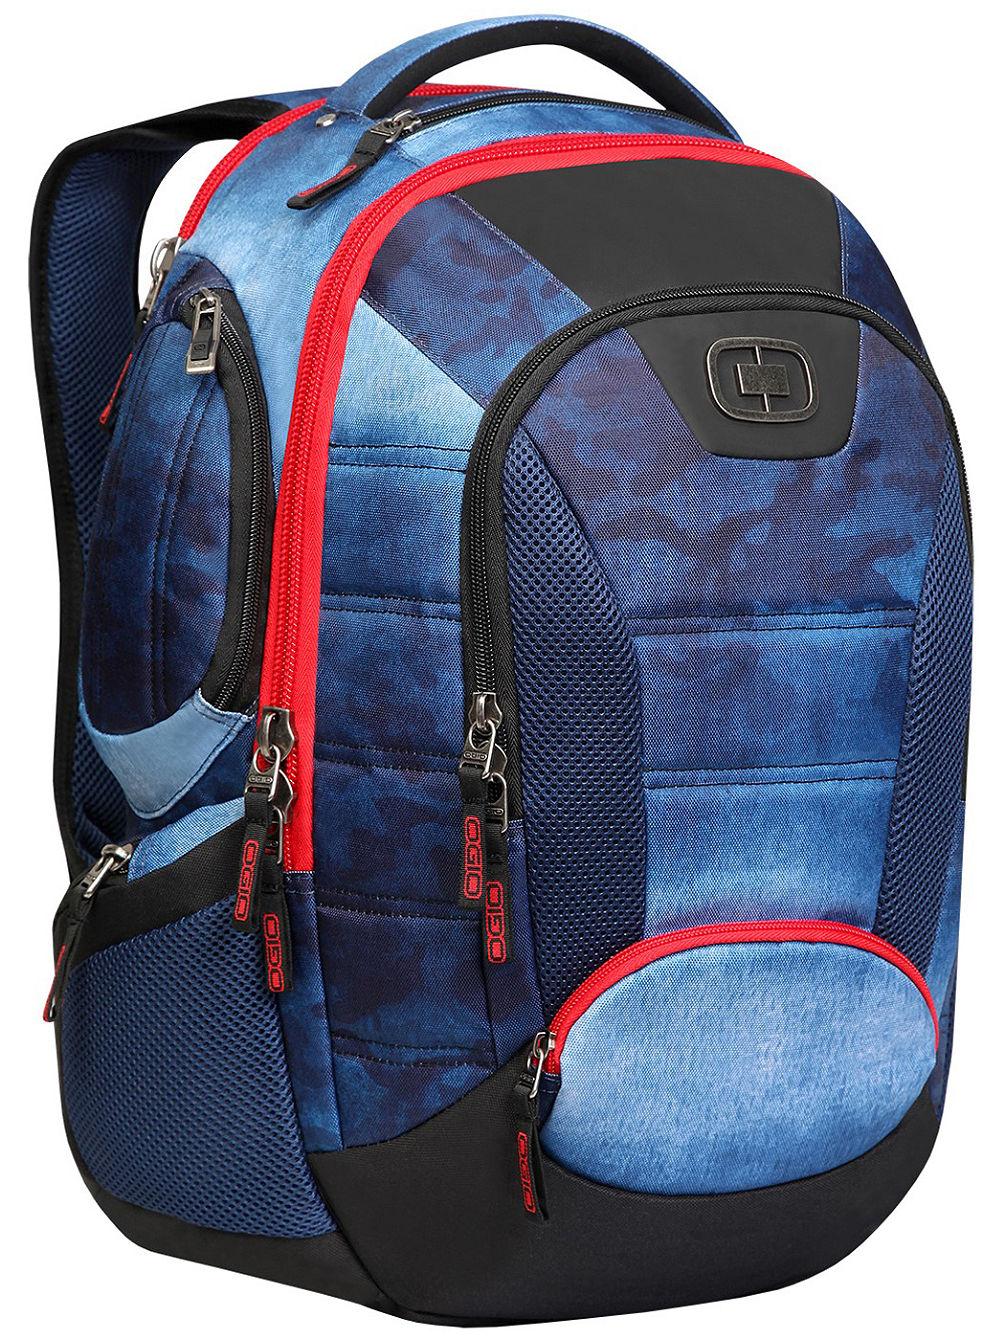 ogio-bandit-backpack